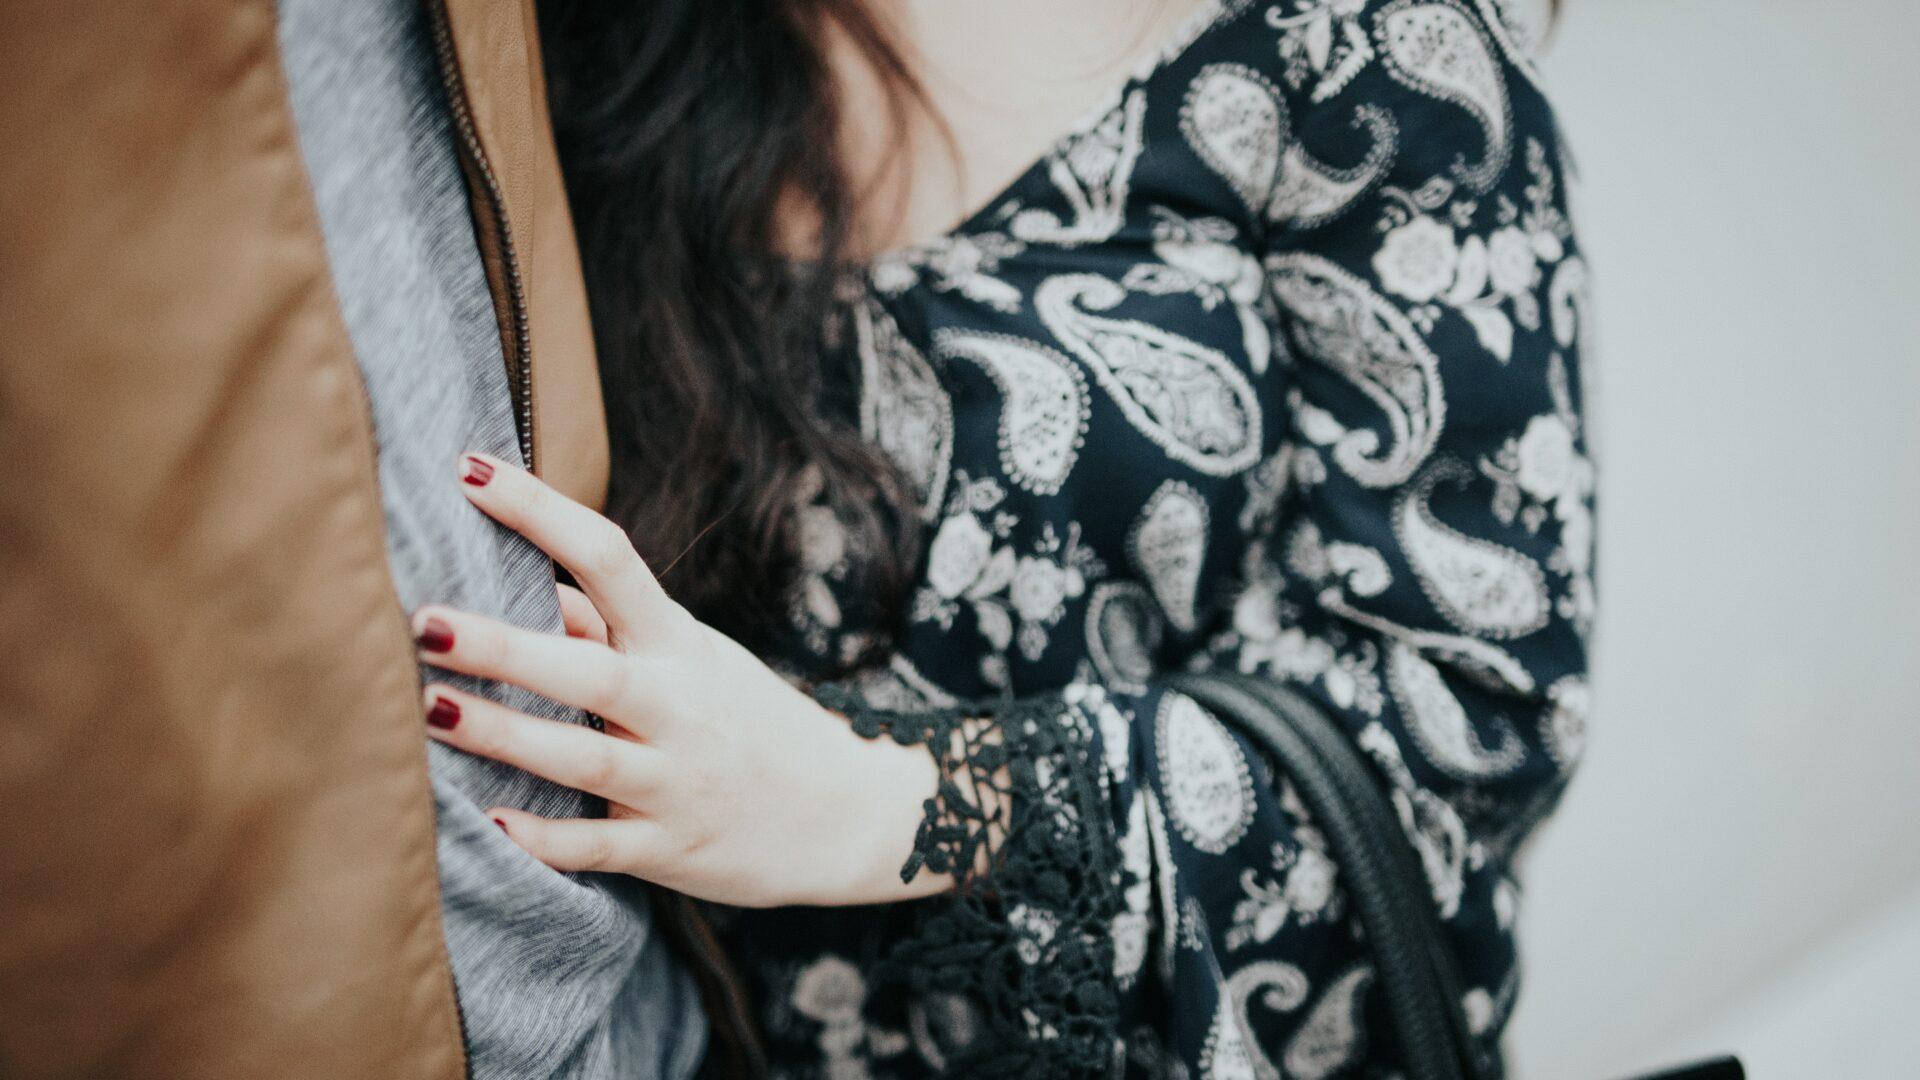 Relatietherapie en relatiecoaching bij StressWise